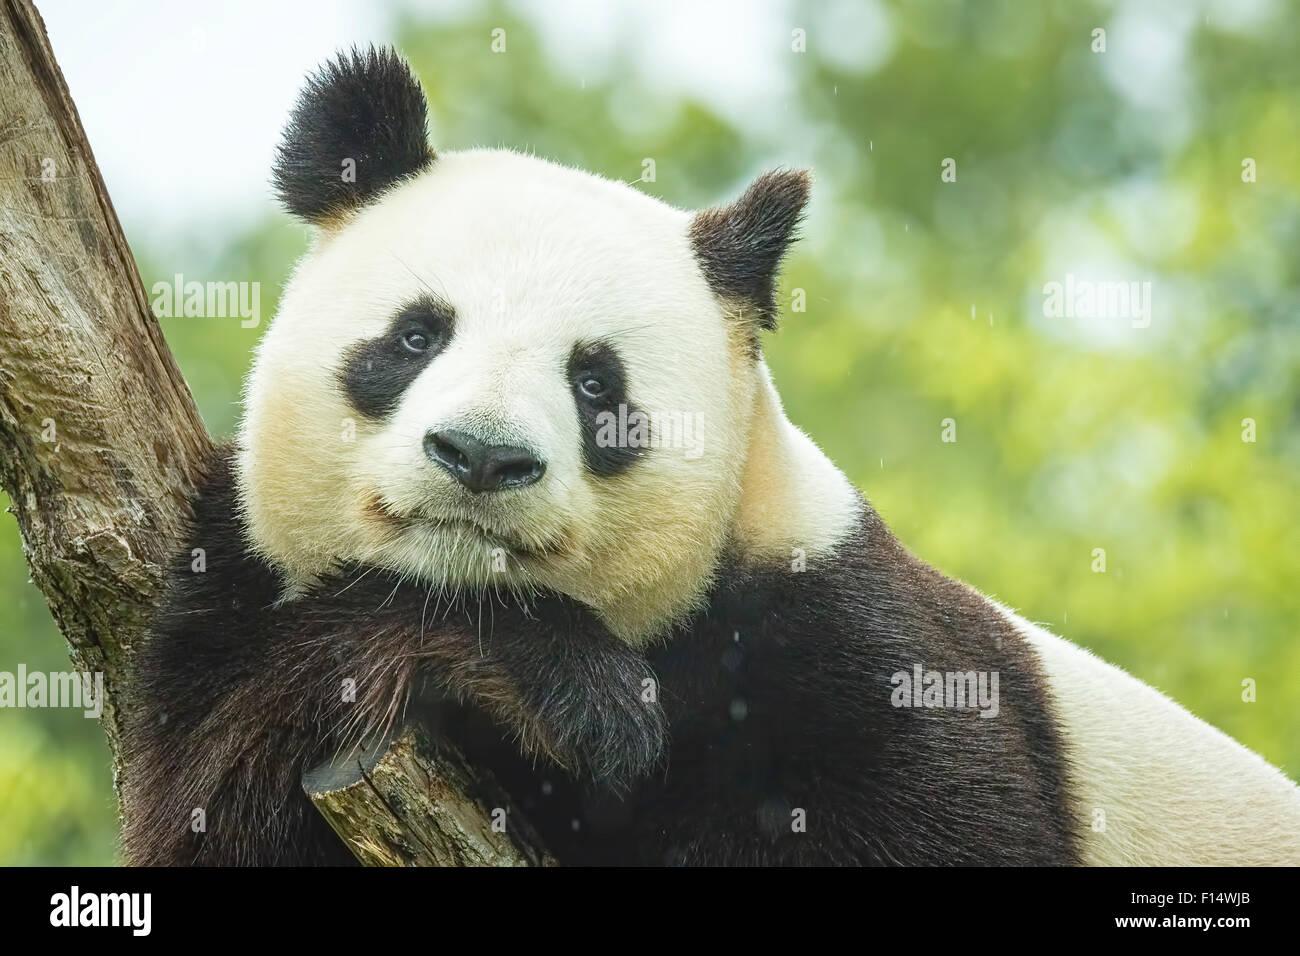 Ritratto di un gigantesco orso panda durante la pioggia in una foresta dopo aver mangiato il bambù Immagini Stock